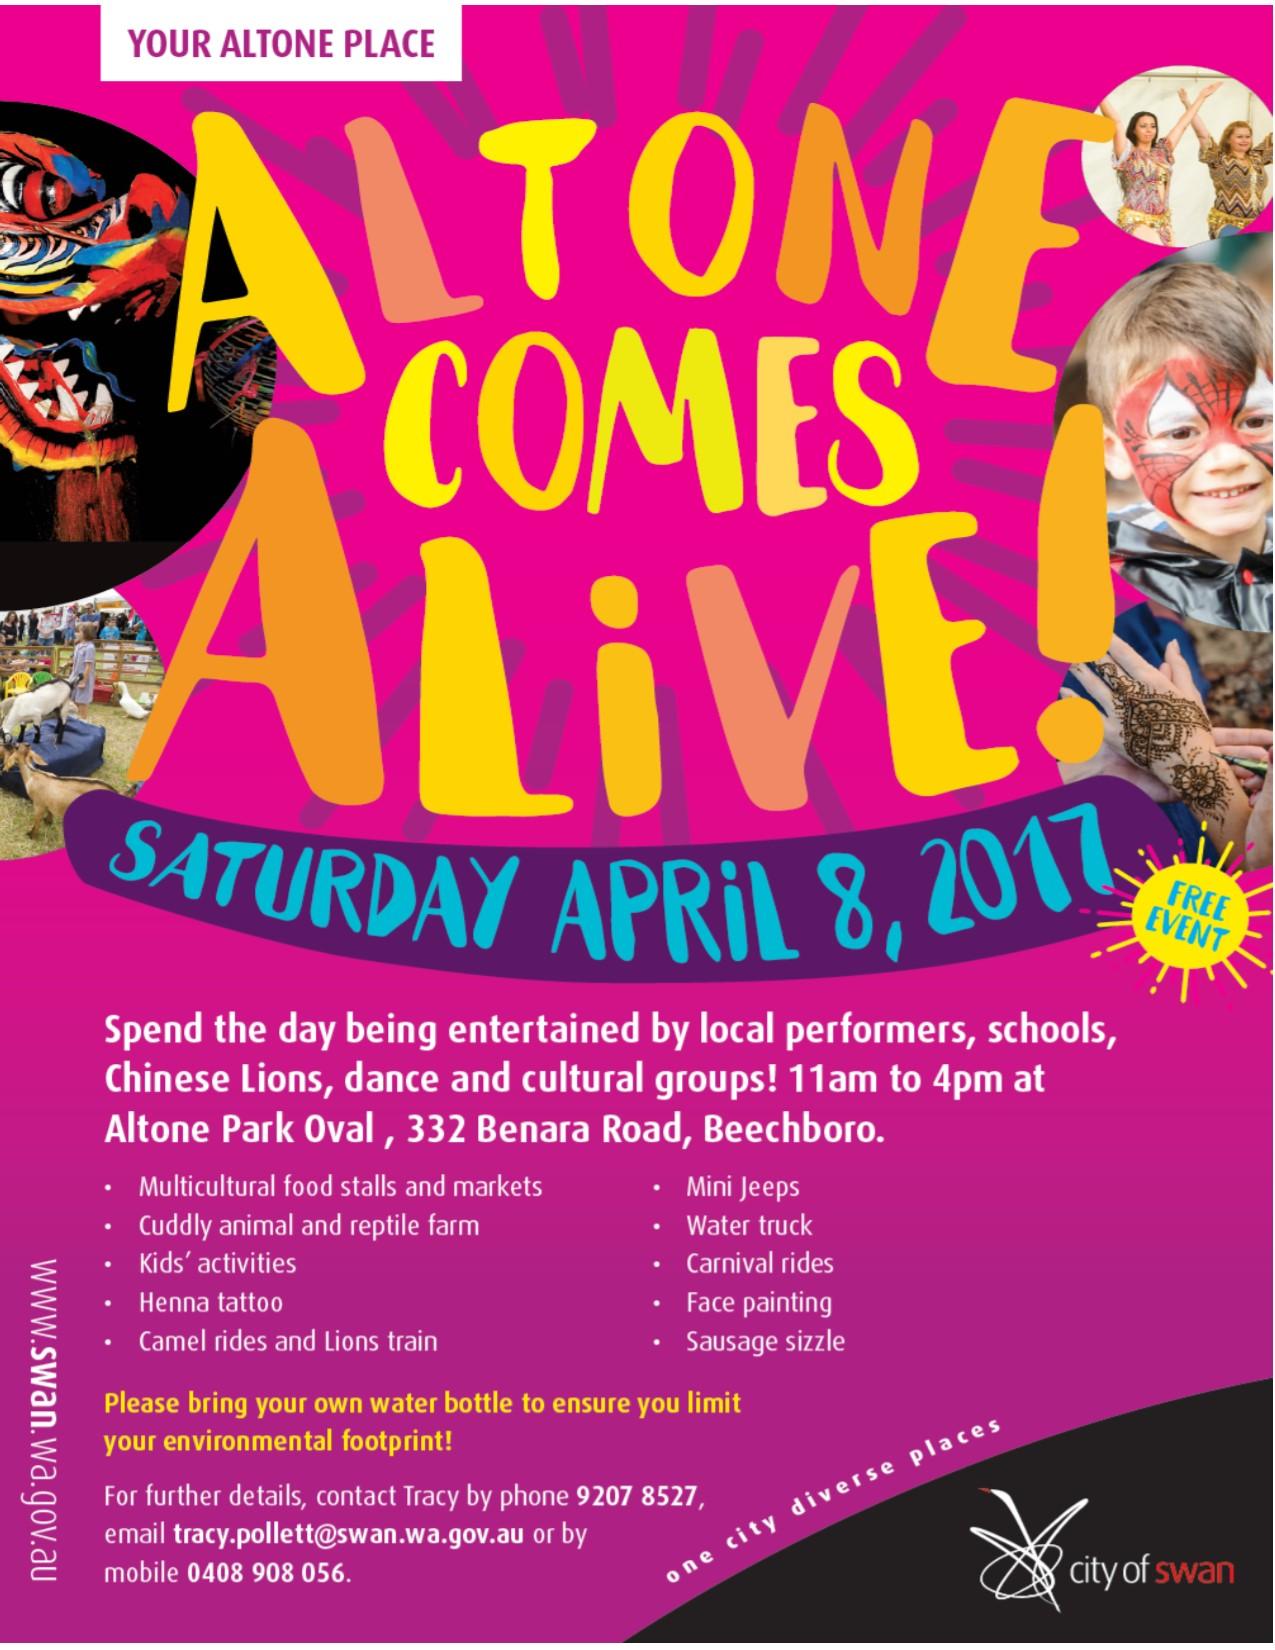 Altone Comes Alive